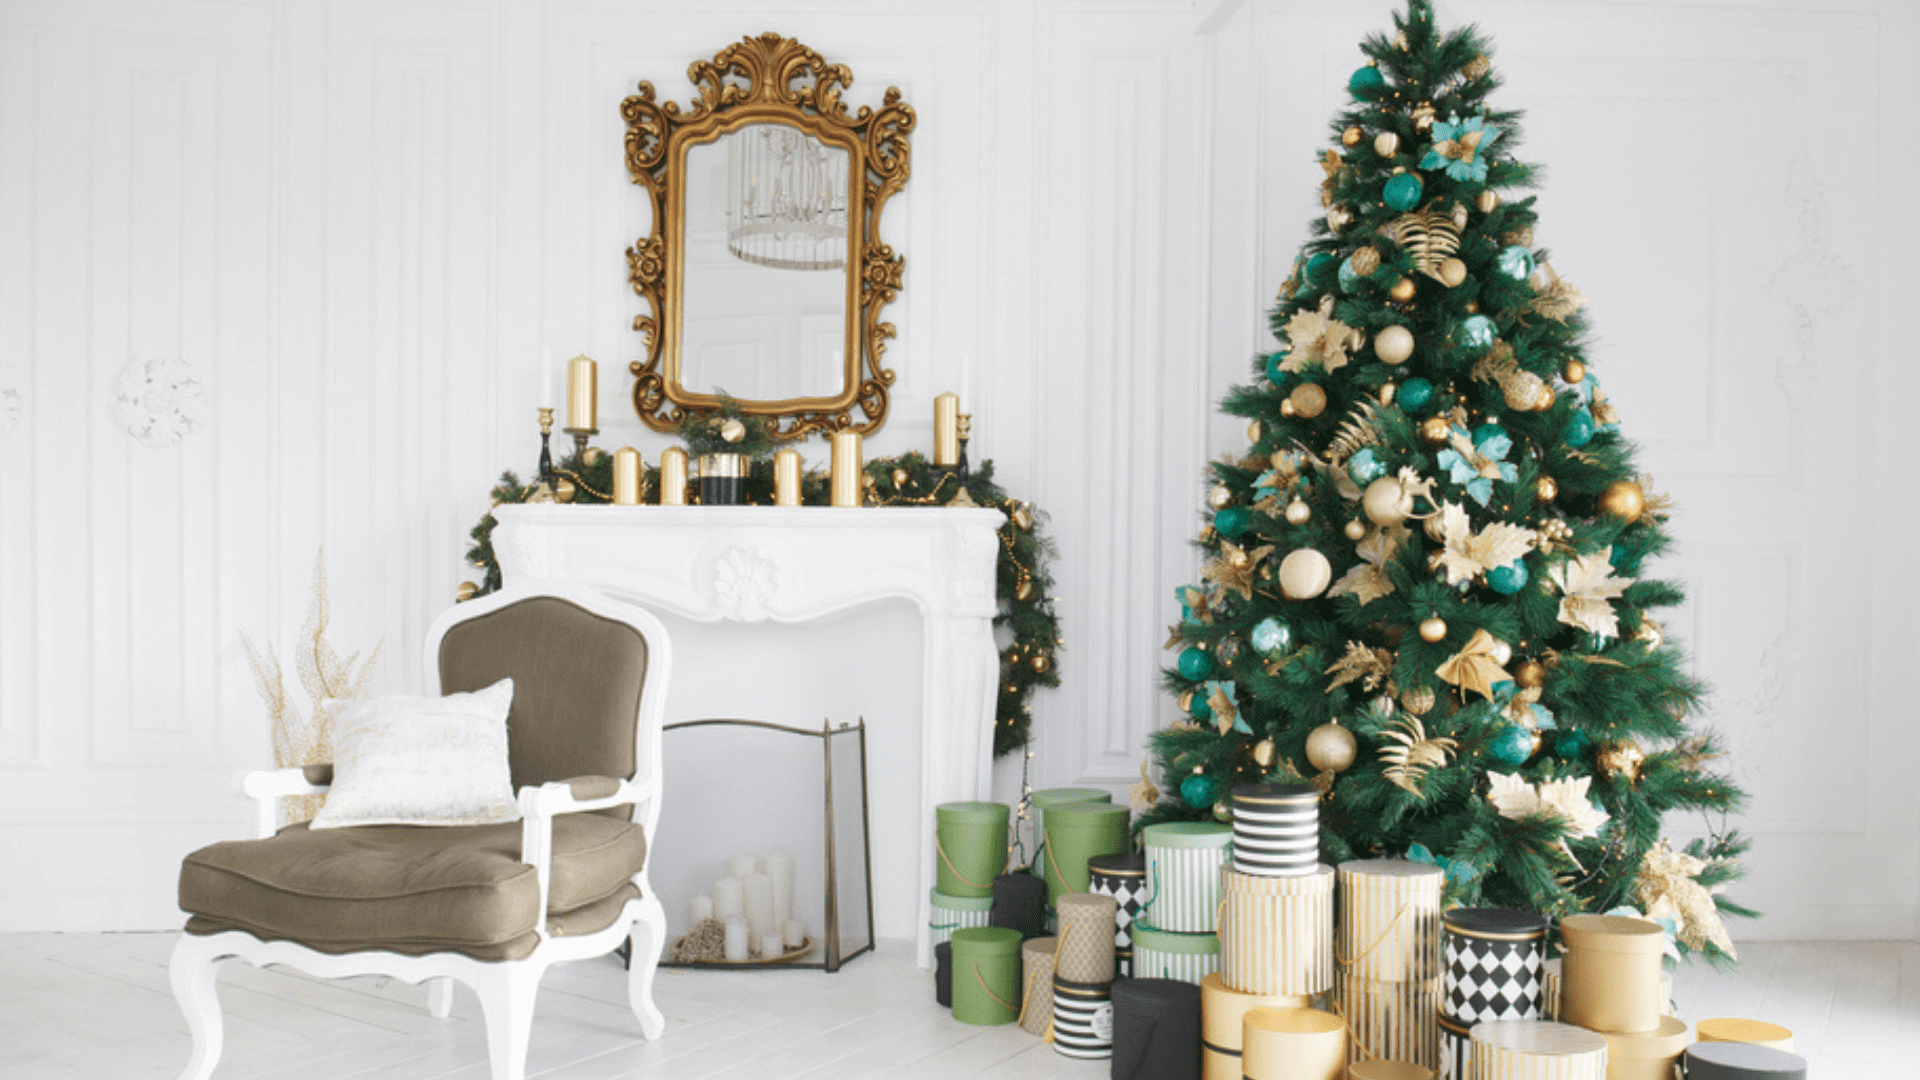 Conheça os itens que você vai precisar para montar a árvore de Natal (Imagem: Reprodução/Shutterstock)